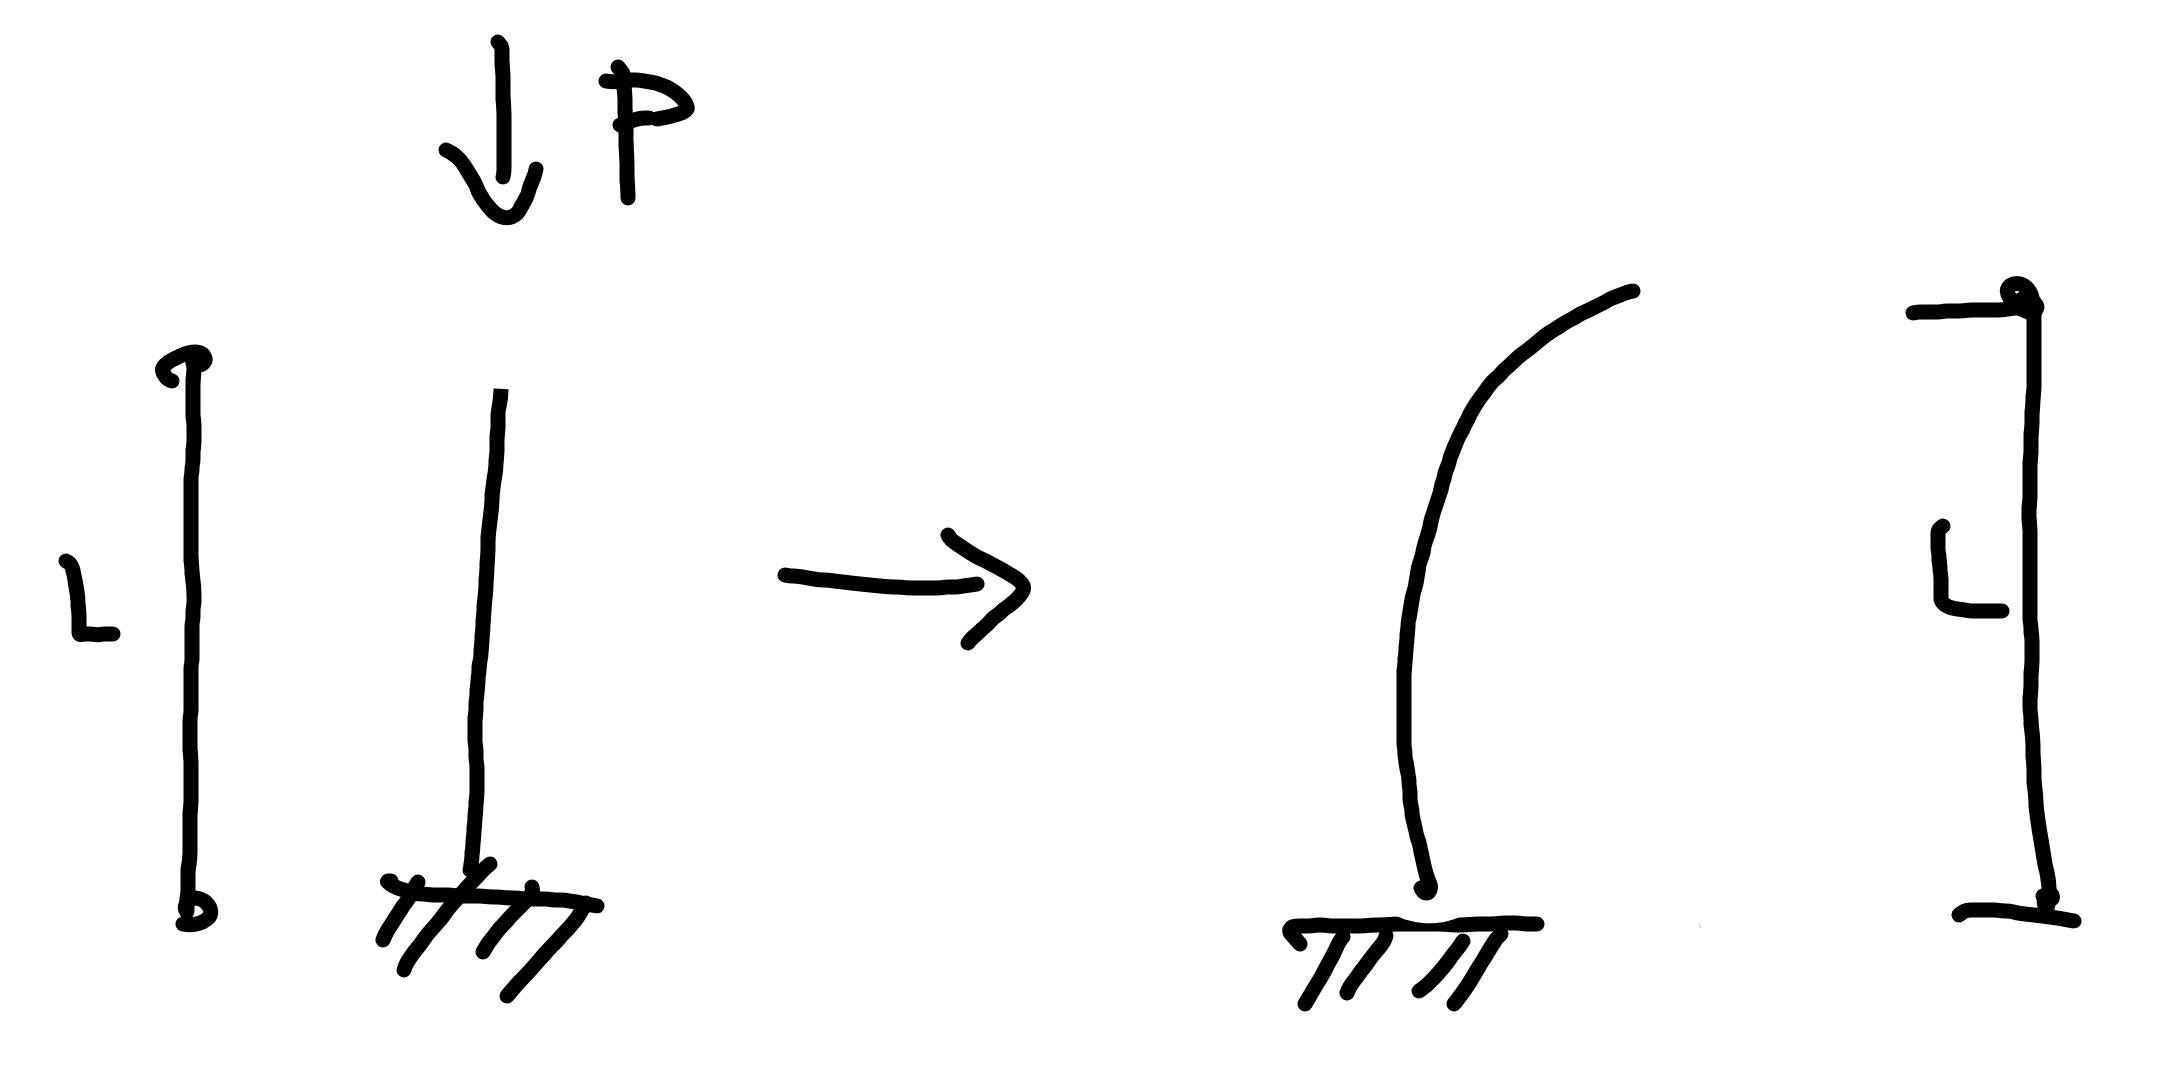 座屈モード 固定端 ピン 水平移動可